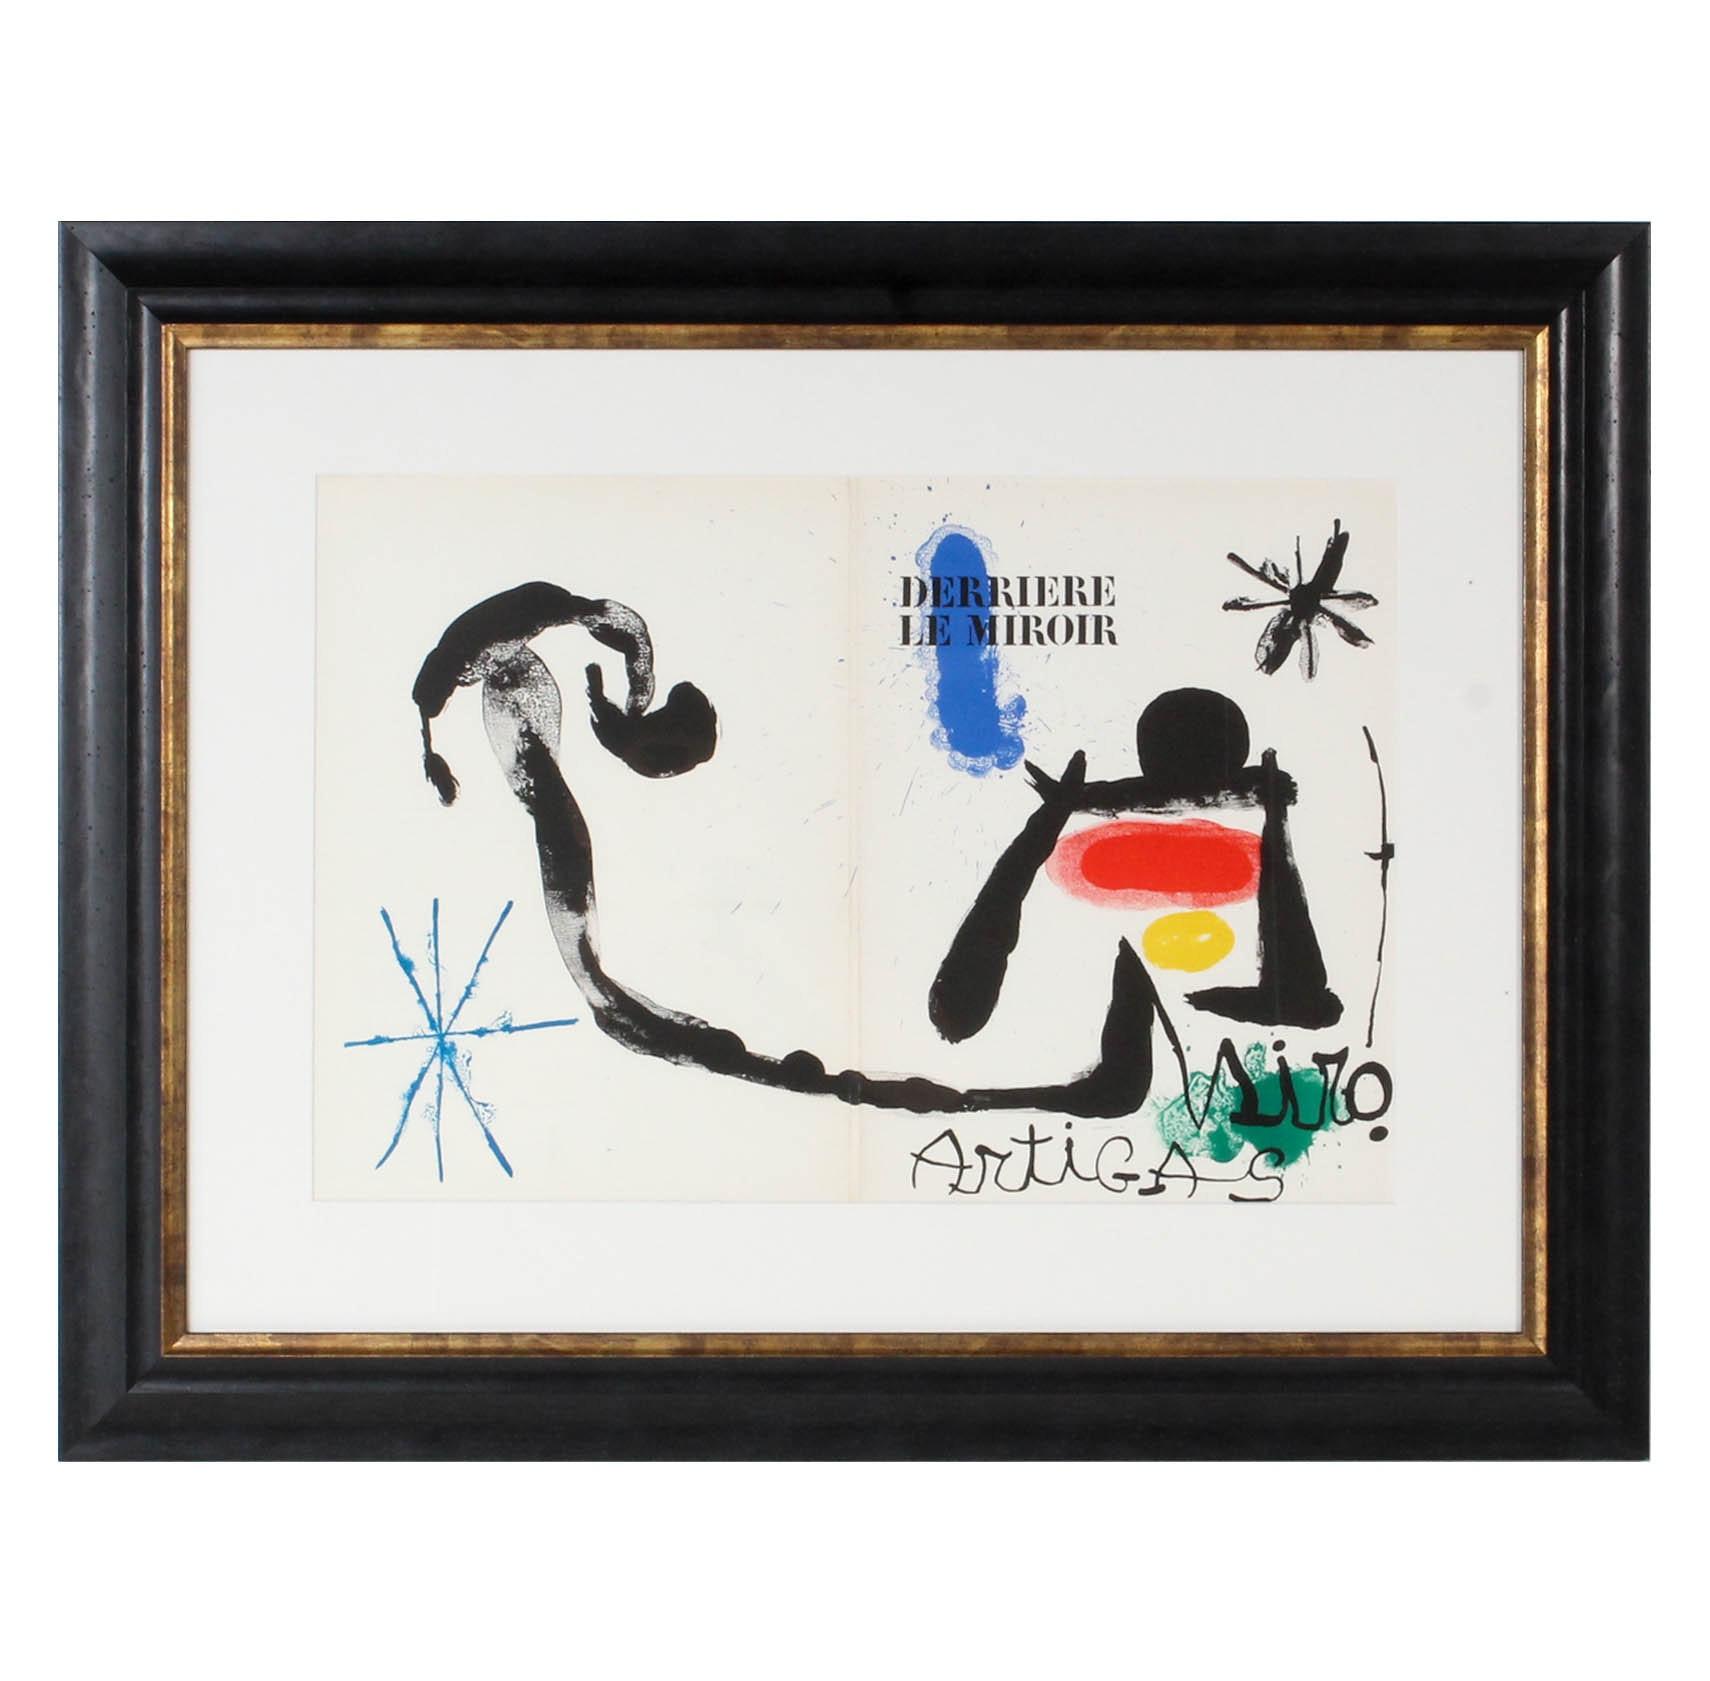 """Joan Miró 1963 Lithograph for """"Derrière le Miroir, No. 139 - 140"""""""